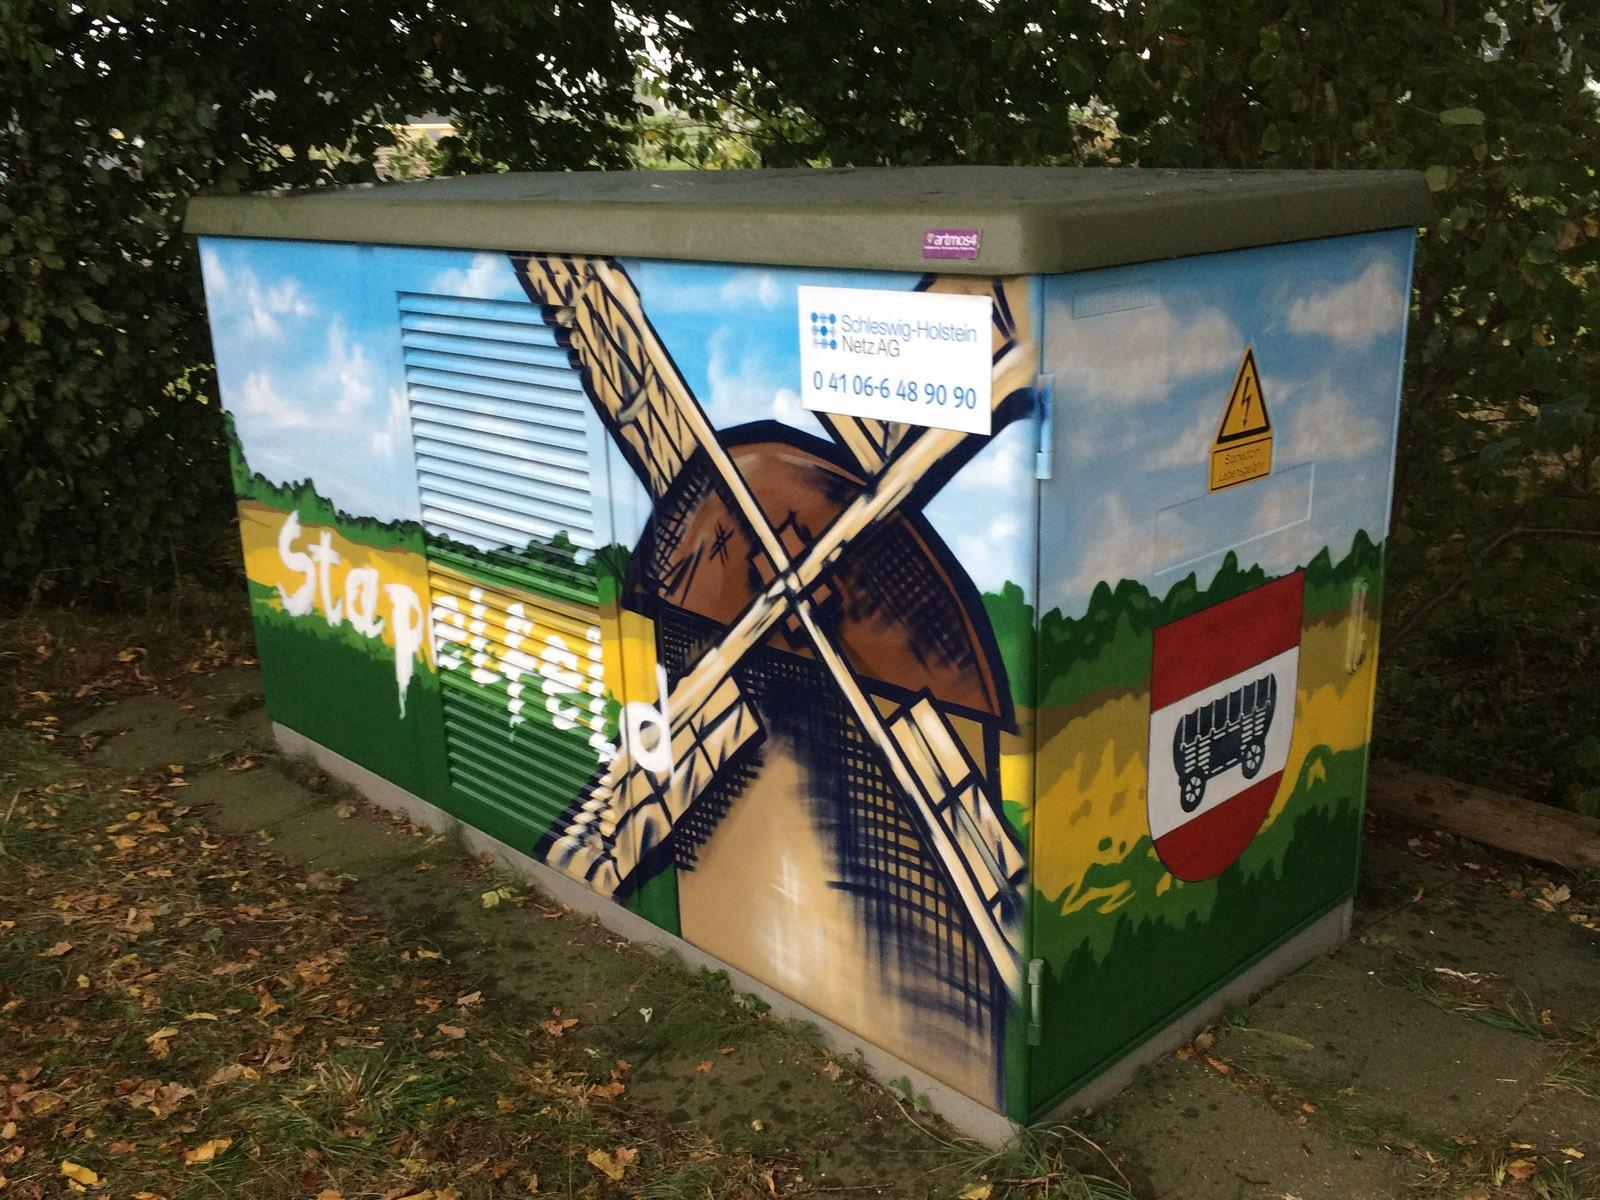 graffitiauftrag-graffitikuenstler-artmos4-hansewerk-2016-landschaft-schrift-wappen-gruen-gelb-blau-illustrativ-aussen-energieversorger